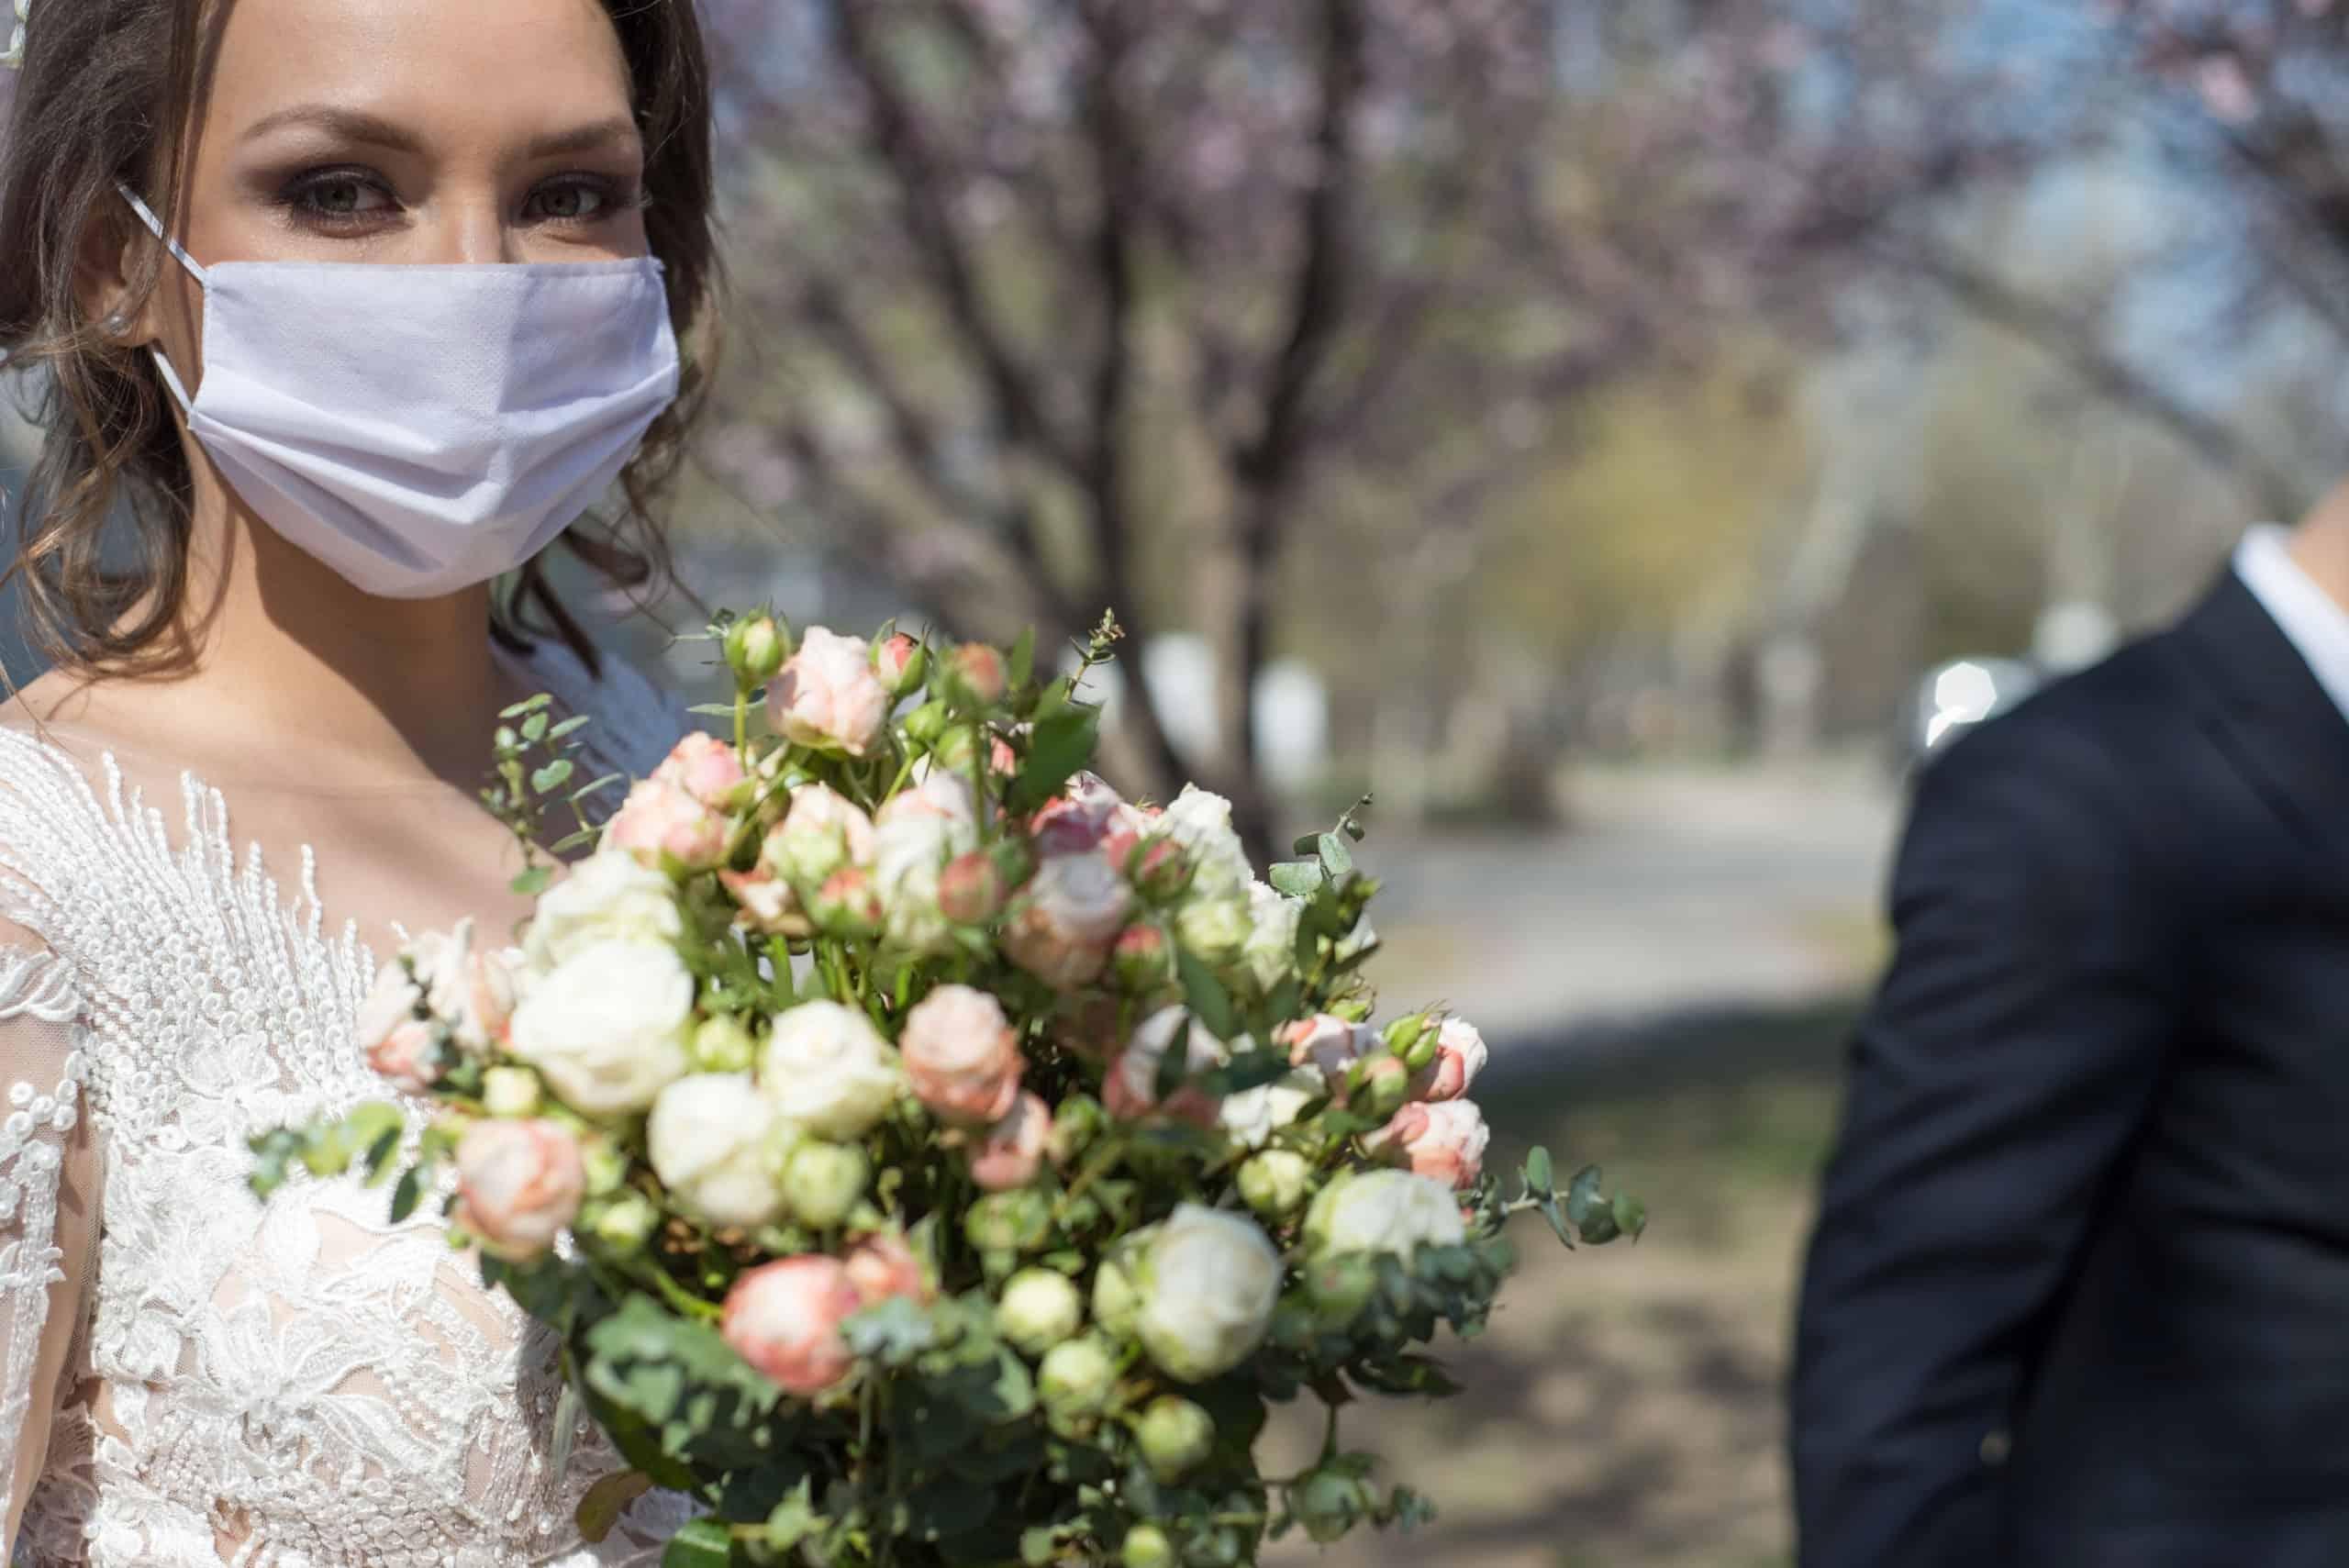 Corona, Hochzeit, Gastgeschenke, Geschenke, Braut, Bräutigam